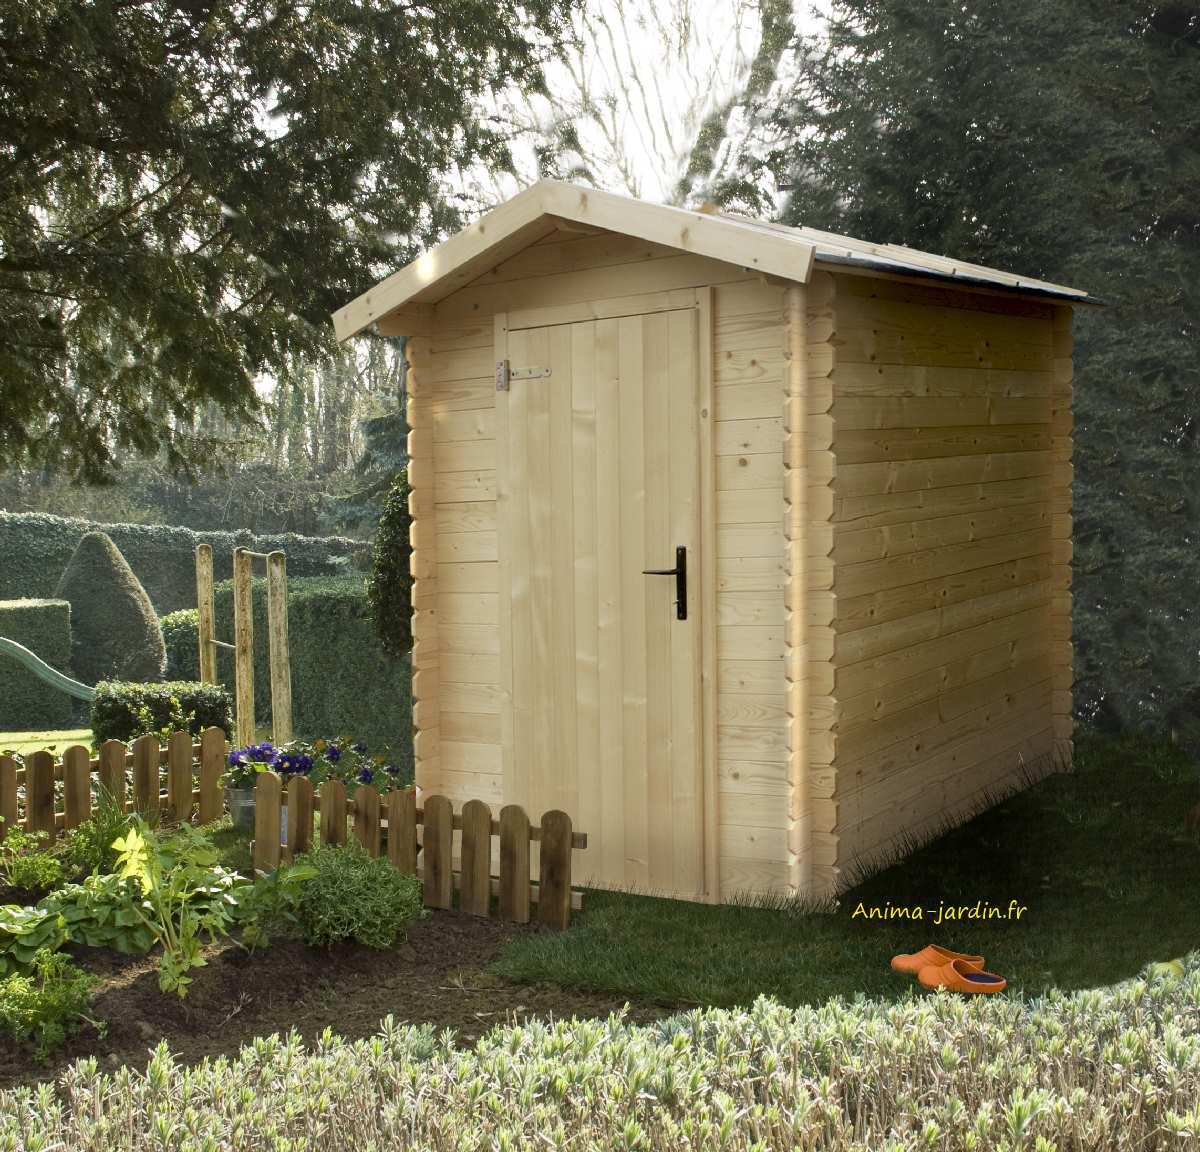 Petit Abri Jardin, 19Mm, Bex, 2.43M², Pas Cher, Vélo ... pour Abri De Jardin Solde